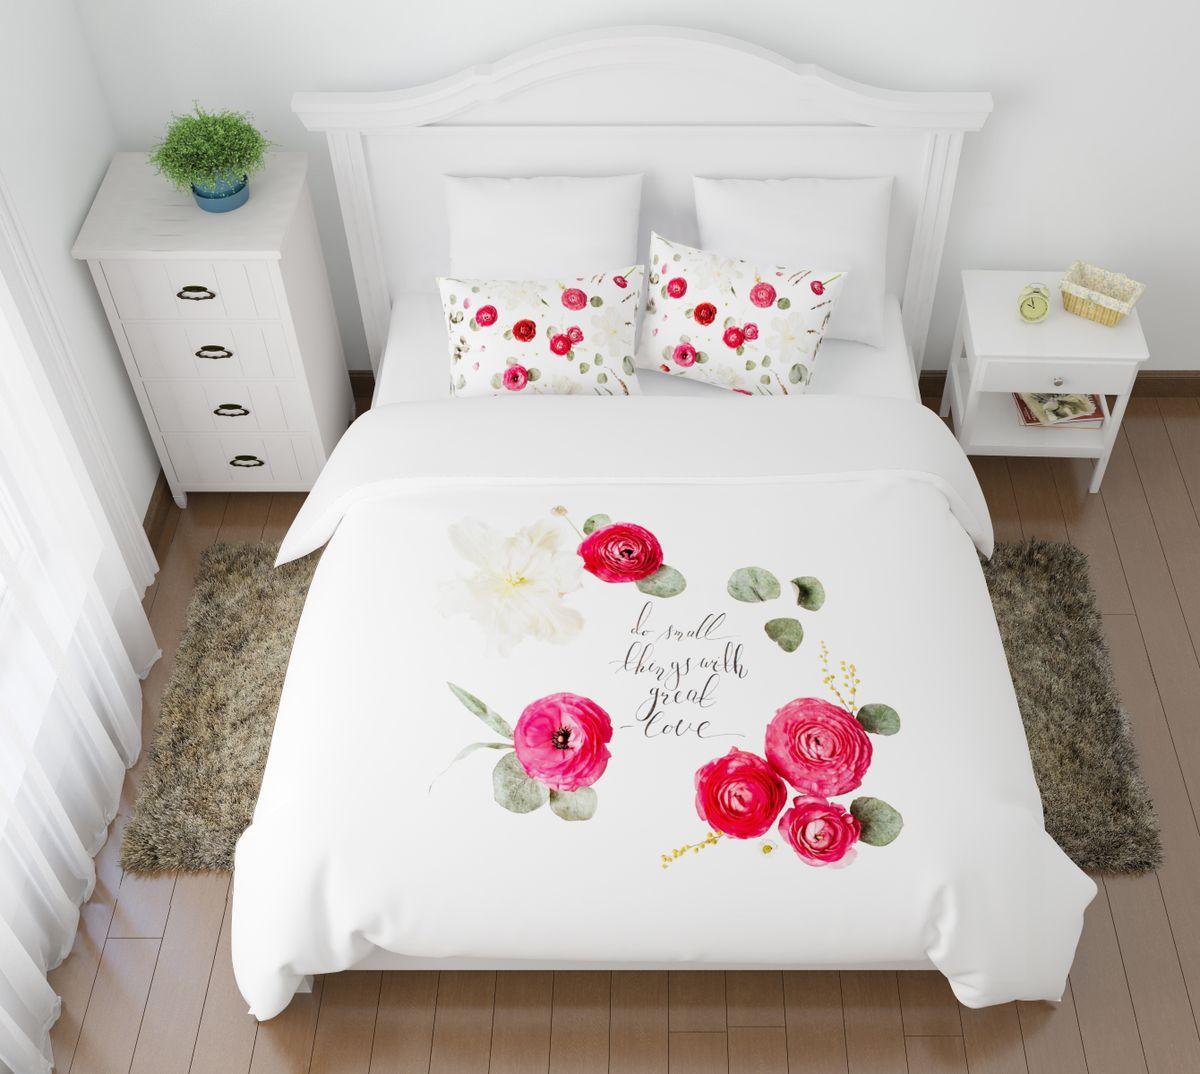 Комплект белья Сирень Веросса, 2-спальный, наволочки 50х70391602Комплект постельного белья Сирень 2-х спальный выполнен из прочной и мягкой ткани. Четкий и стильный рисунок в сочетании с насыщенными красками делают комплект постельного белья неповторимой изюминкой любого интерьера. Постельное белье идеально подойдет для подарка. Идеальное соотношение смешенной ткани и гипоаллергенных красок это гарантия здорового, спокойного сна. Ткань хорошо впитывает влагу, надолго сохраняет яркость красок. Цвет простыни, пододеяльника, наволочки в комплектации может немного отличаться от представленного на фото.В комплект входят: простыня - 200х220см; пододельяник 175х210 см; наволочка - 50х70х2шт. Постельное белье легко стирать при 30-40 градусах, гладить при 150 градусах, не отбеливать.Рекомендуется перед первым изпользованием постирать.